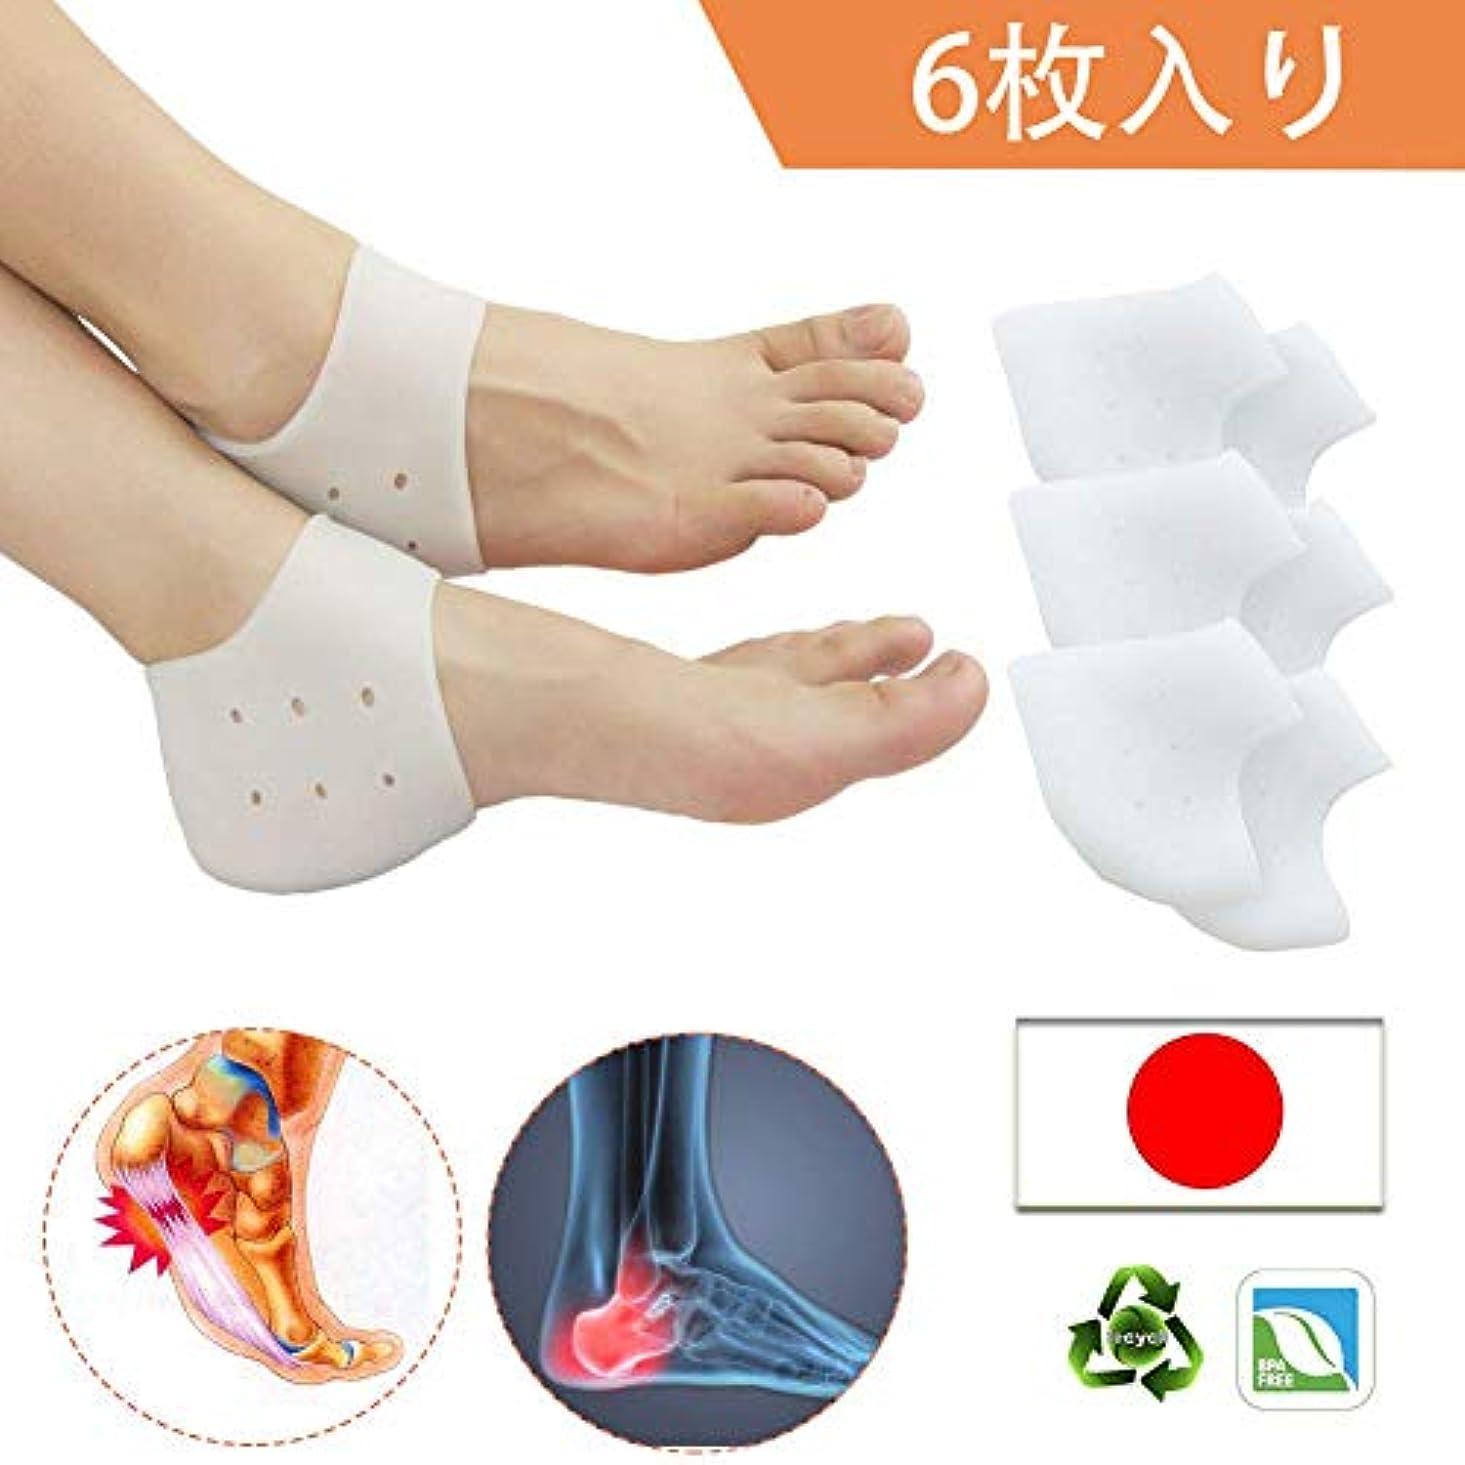 パウダーテザー不明瞭かかと保護カバー ヒールカップ足底筋膜炎インサート通気性 ヒールの痛み緩和 シークレットインソール 保湿 かかと靴下 男女兼用 (白(6ピース))